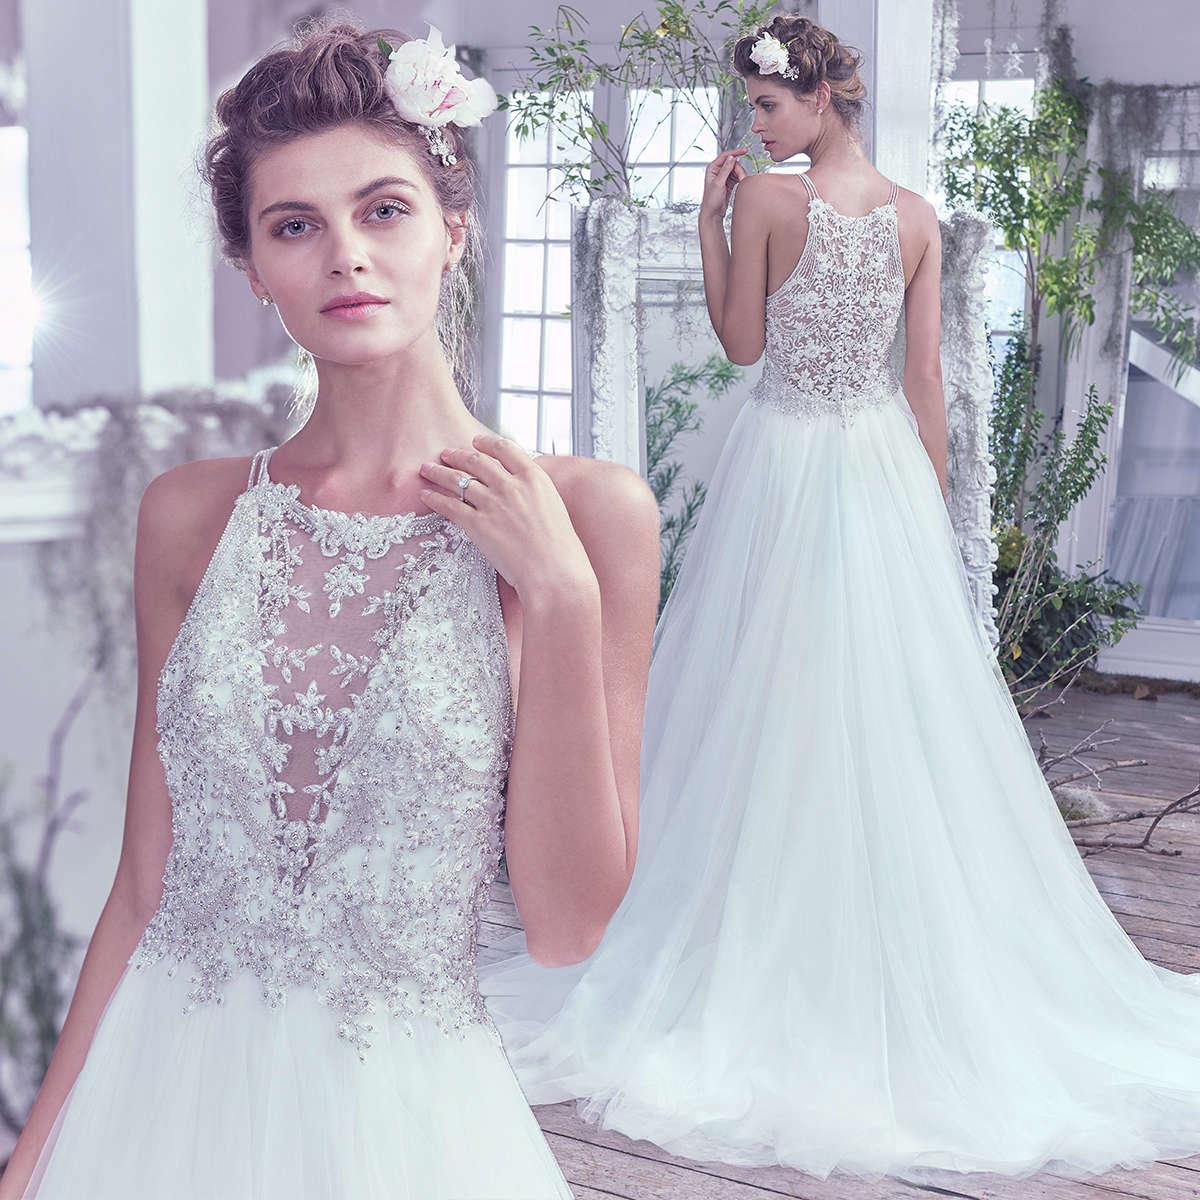 sottero bride1.jpg